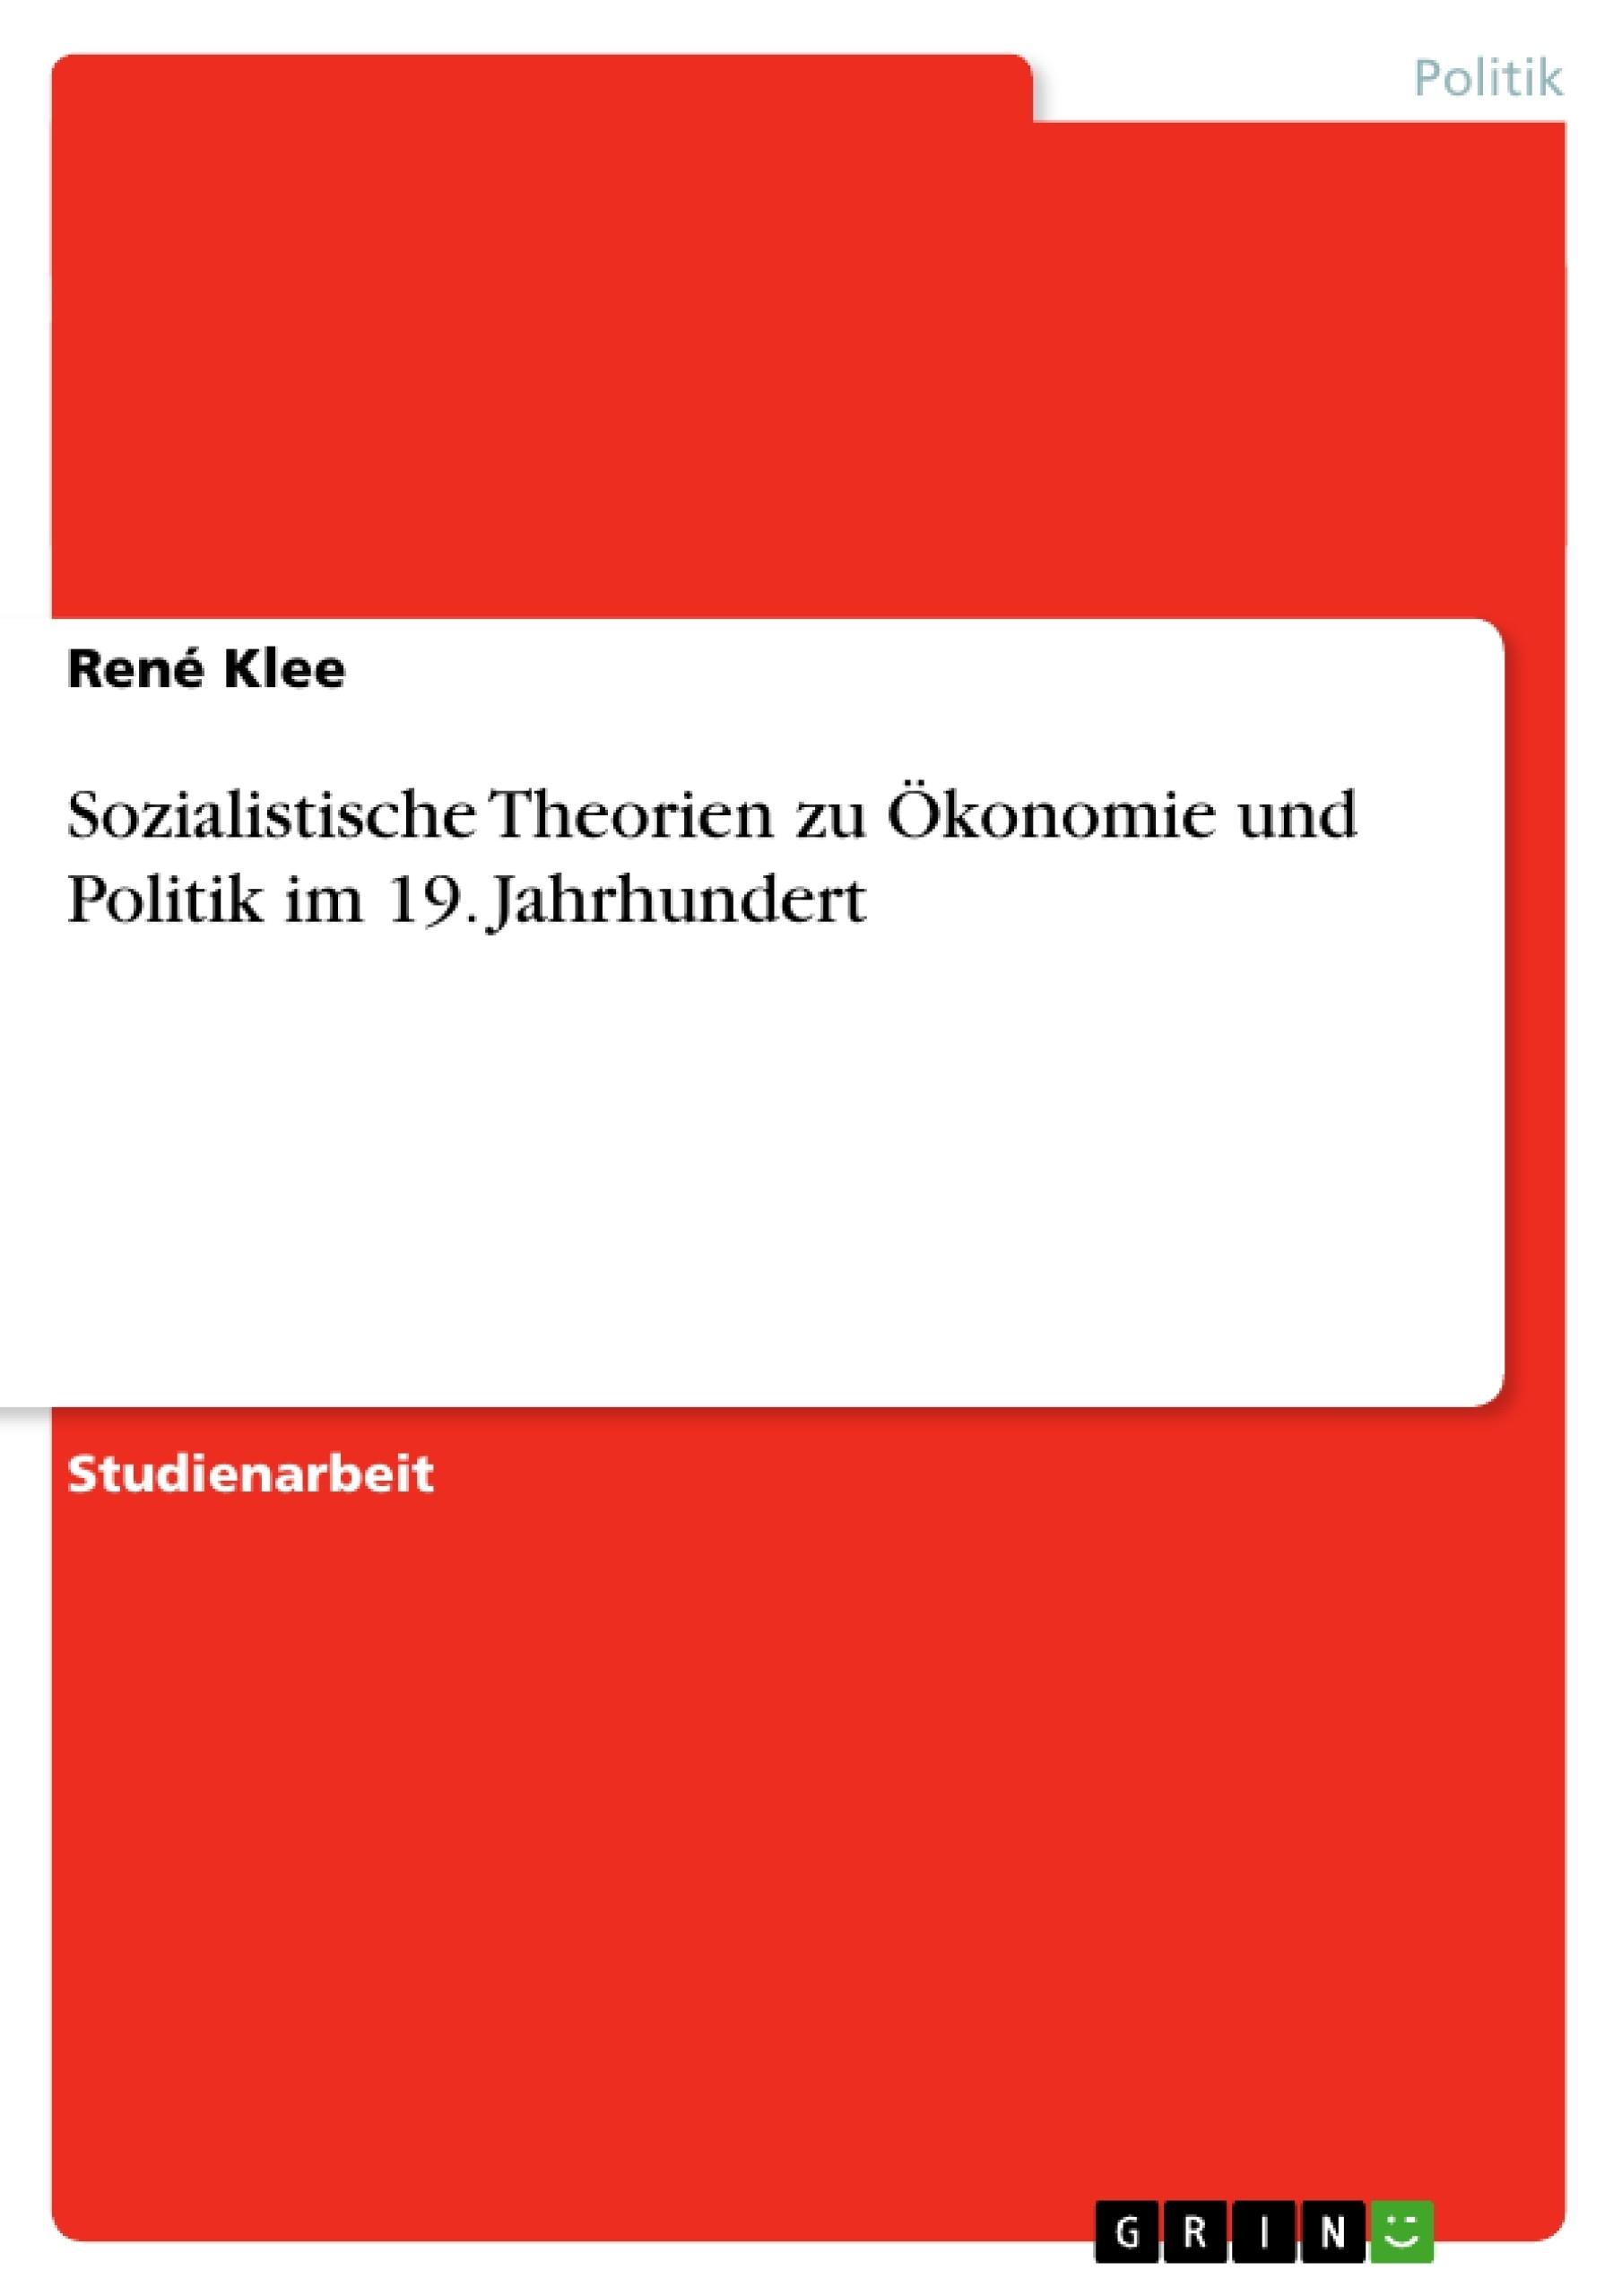 Titel: Sozialistische Theorien zu Ökonomie und Politik im 19. Jahrhundert